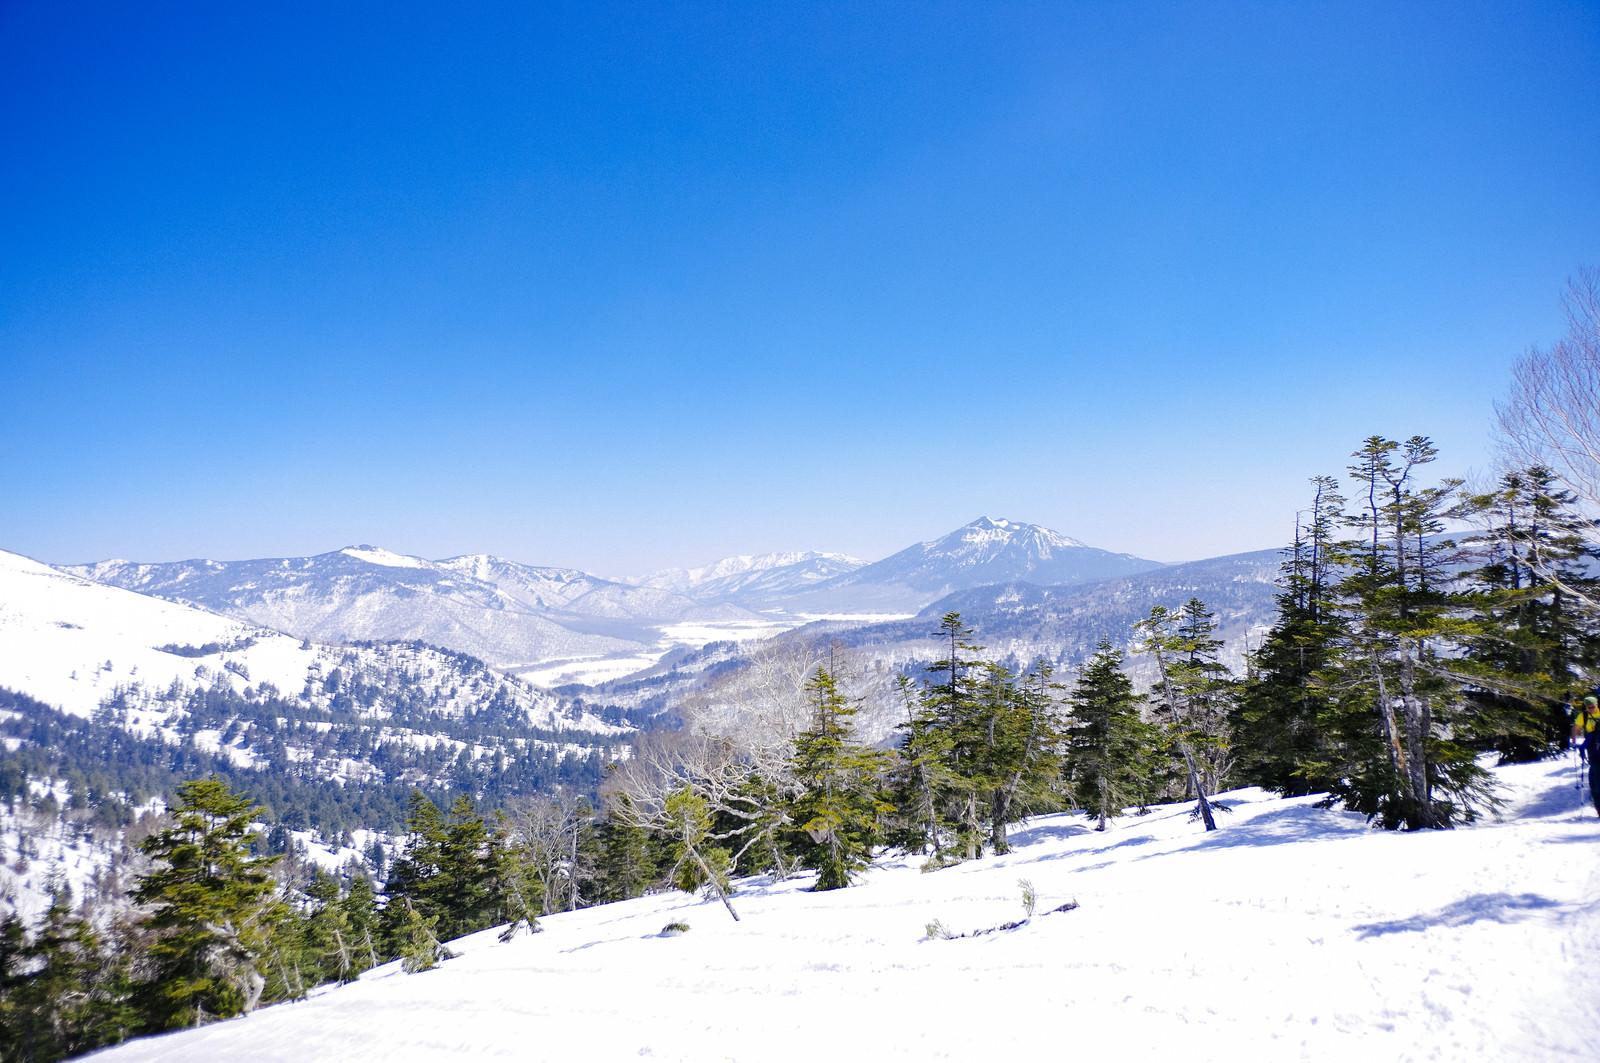 「GW近くだが雪に包まれる至仏山と尾瀬」の写真